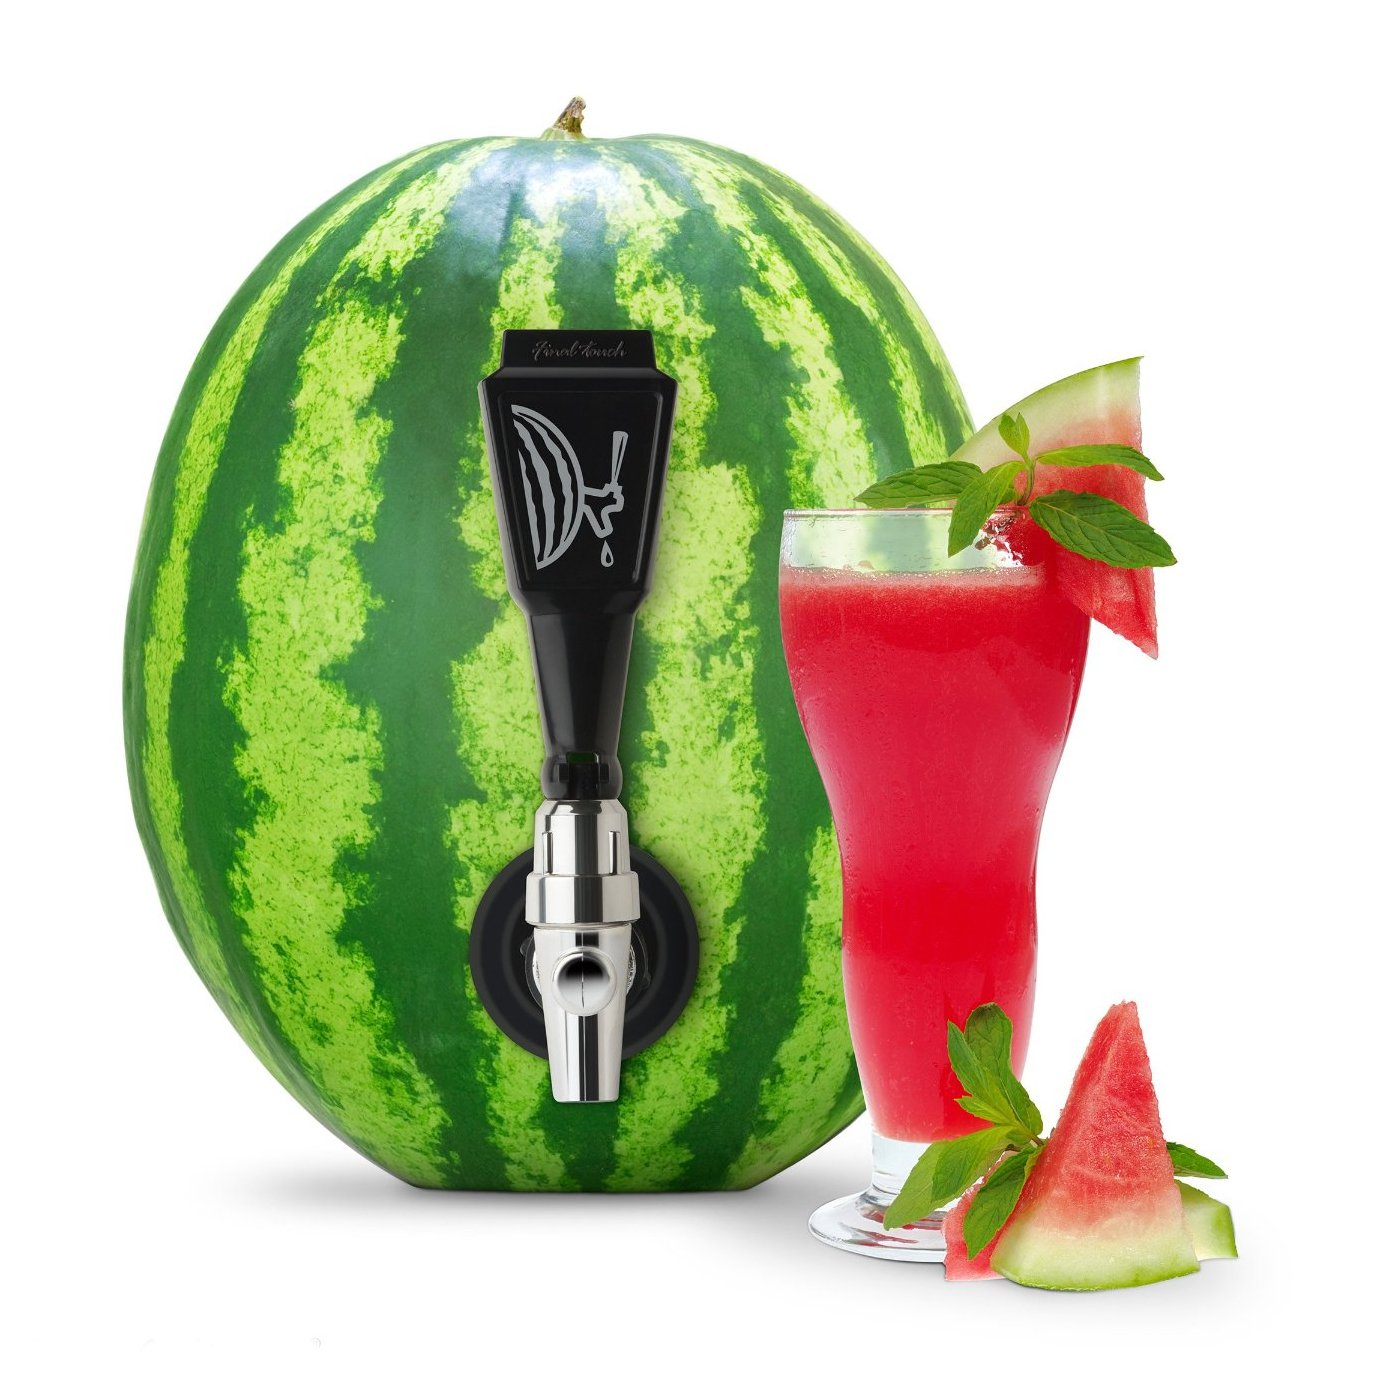 Amazon.com: Final Touch Black Watermelon Keg Tapping Kit: Kitchen ...